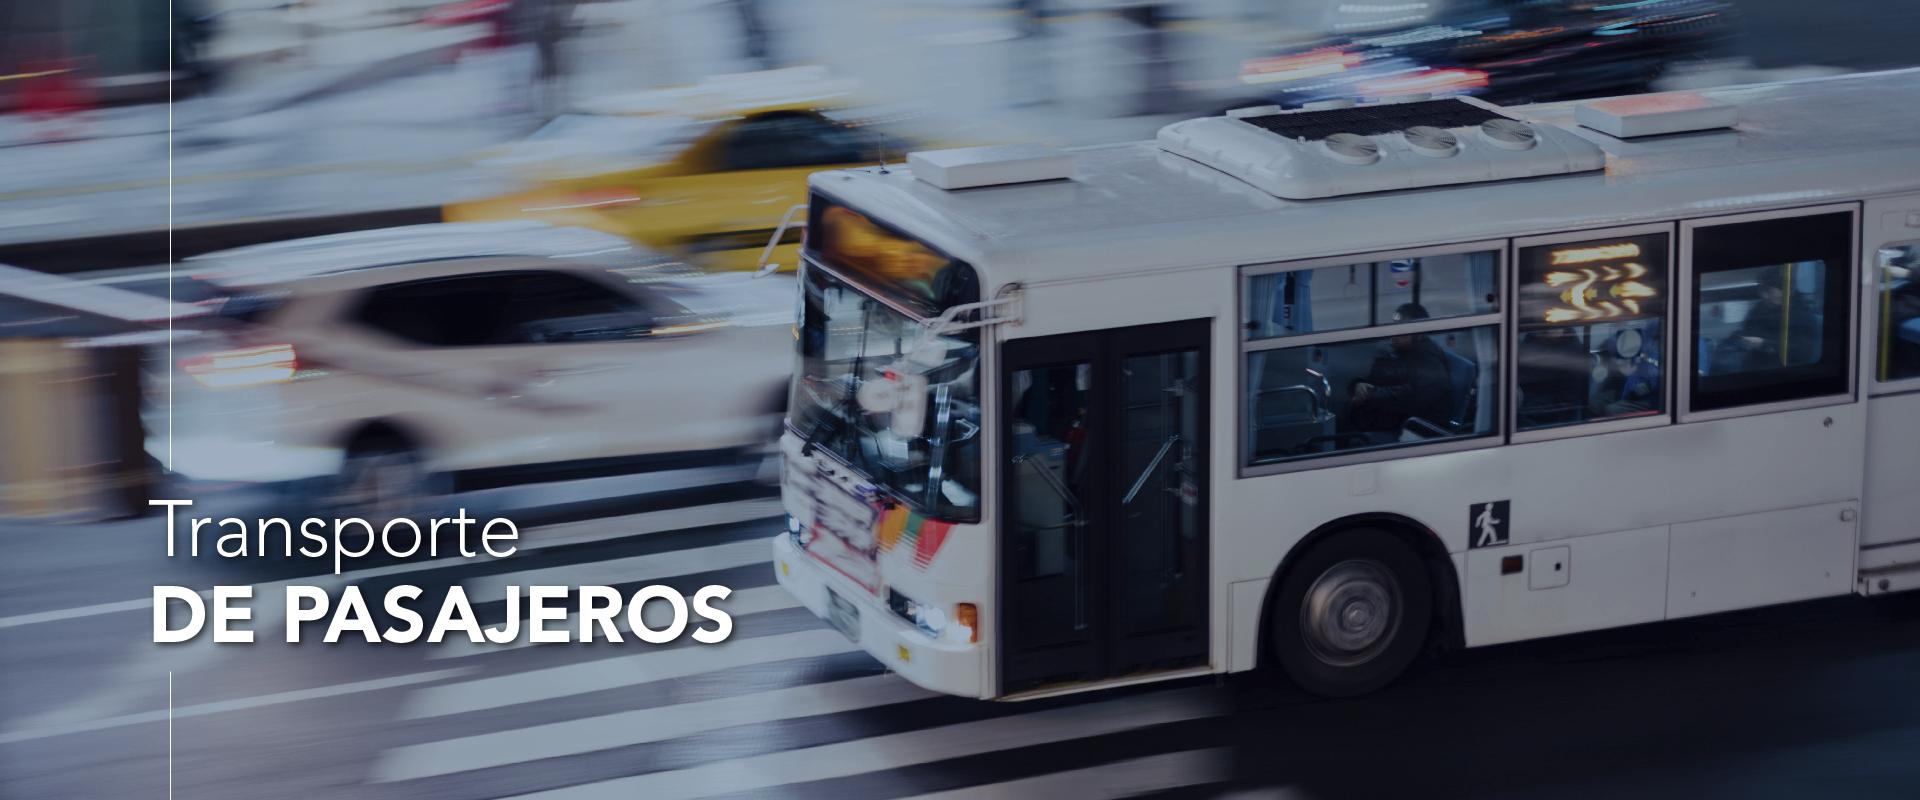 En un vehiculo con pasajeros se pueden instalar cámaras, grabar, generar eventos, contar los pasajeros, realizar reconocimiento facial a cada uno de ellos.